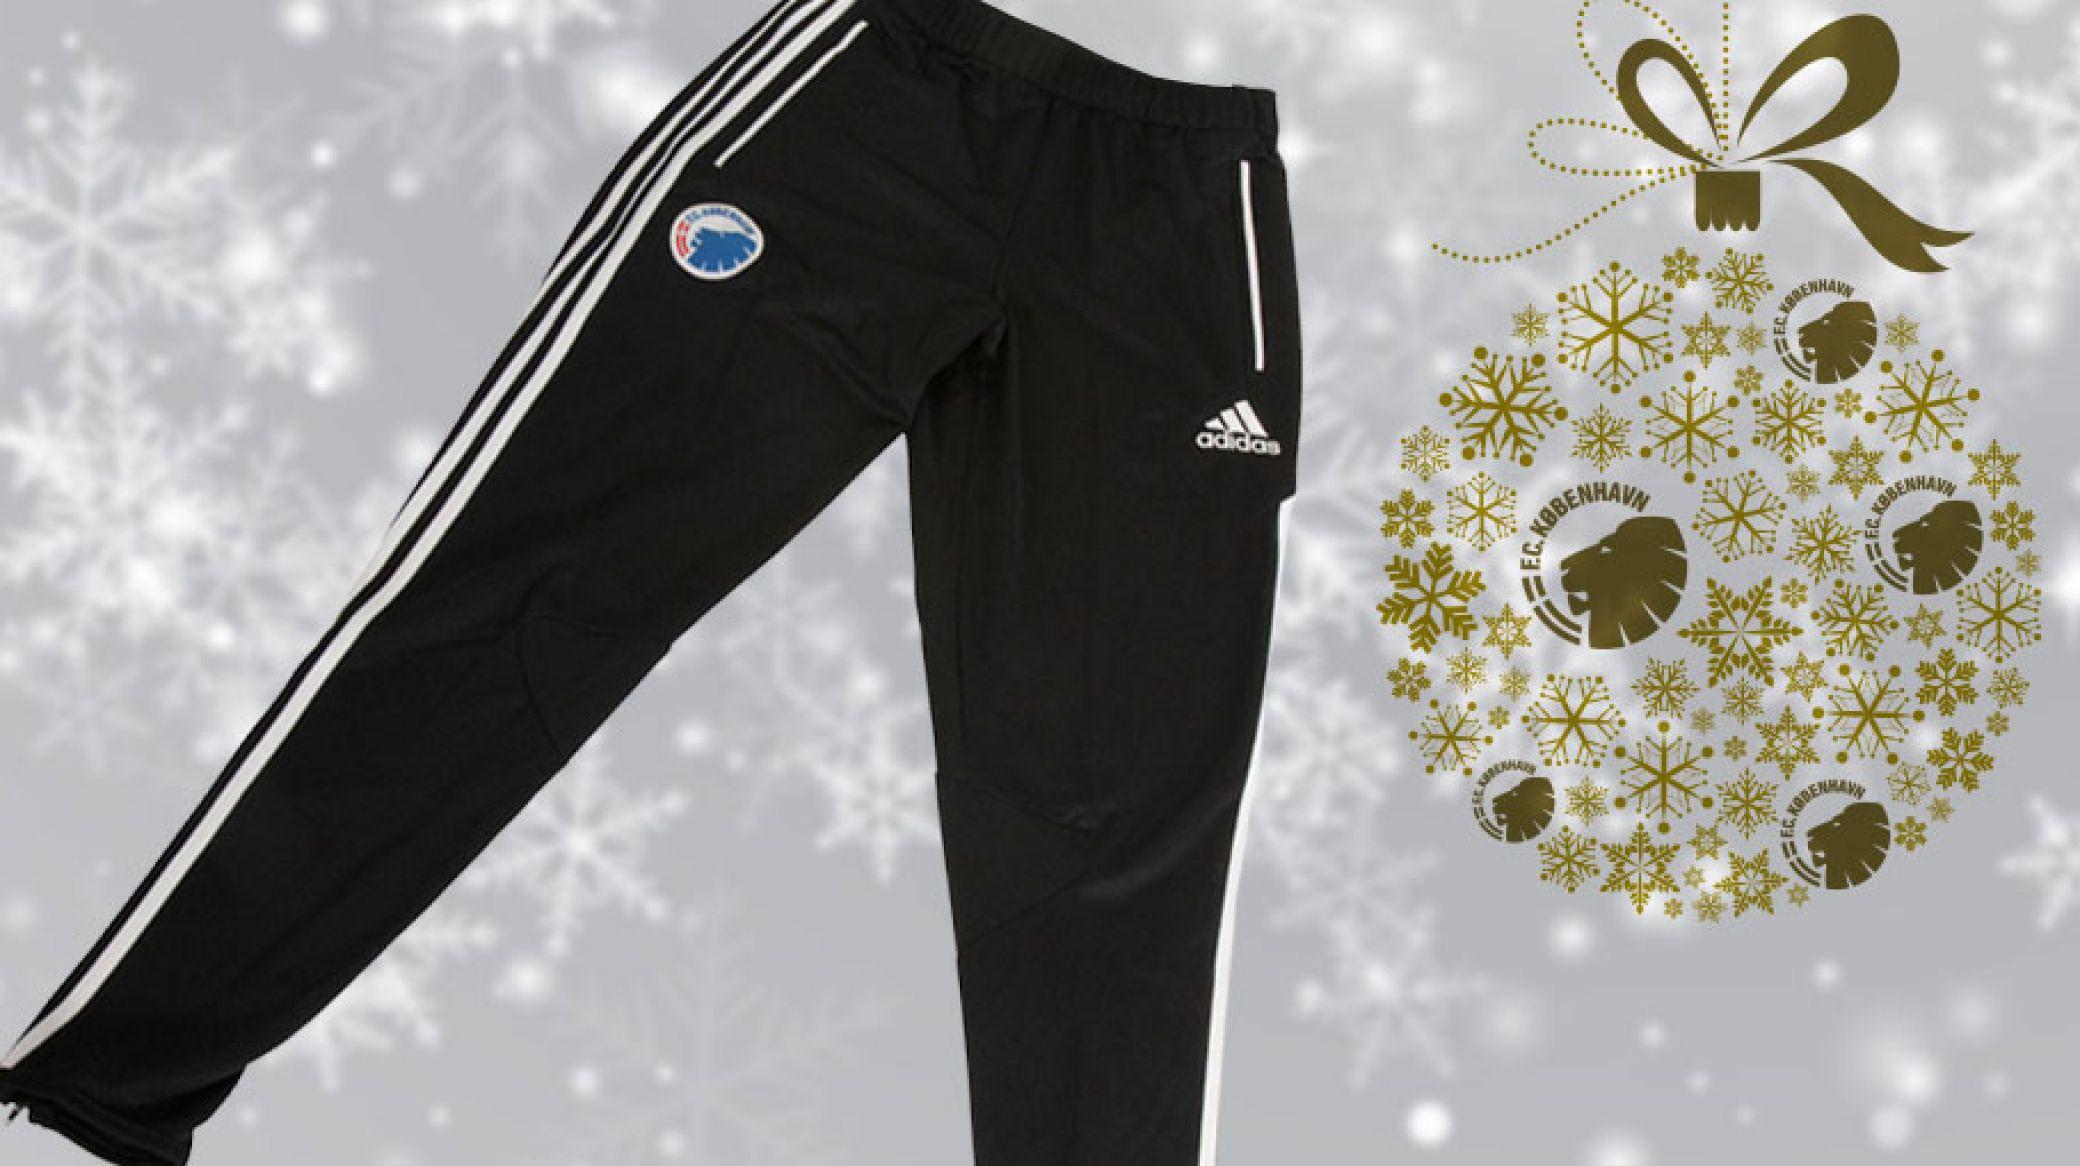 e41e6d31988 Dagens julegavetip: Adidas Condivo Træningsbukser | F.C. København